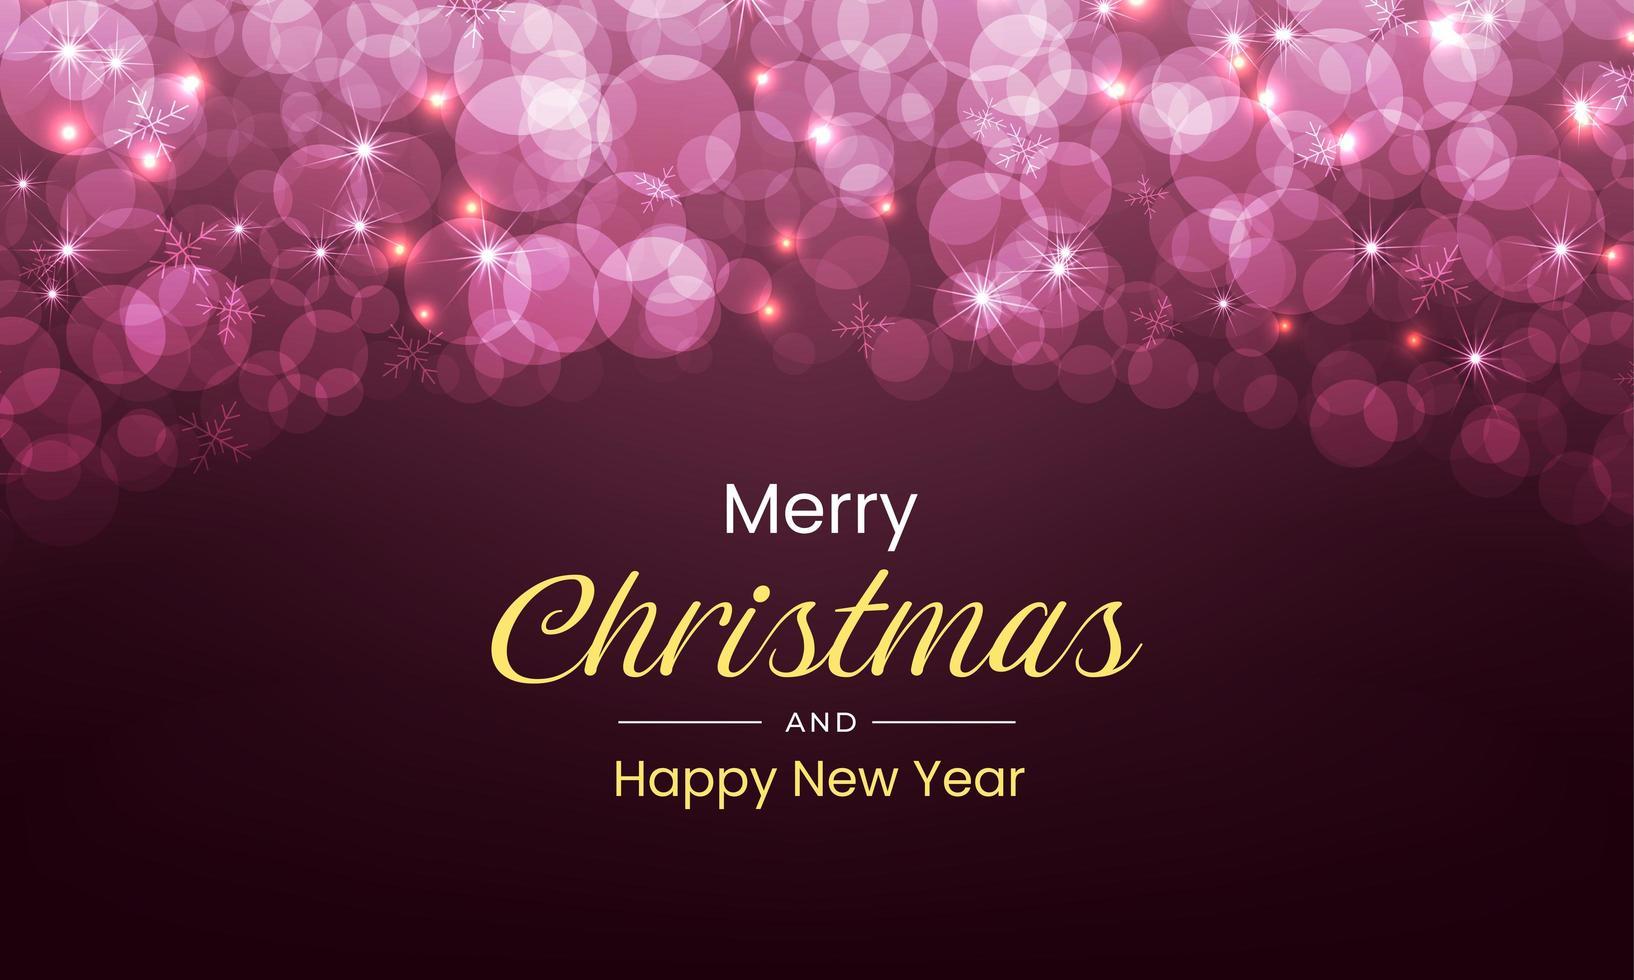 prettige kerstdagen en nieuwjaar met luxe lichten vector